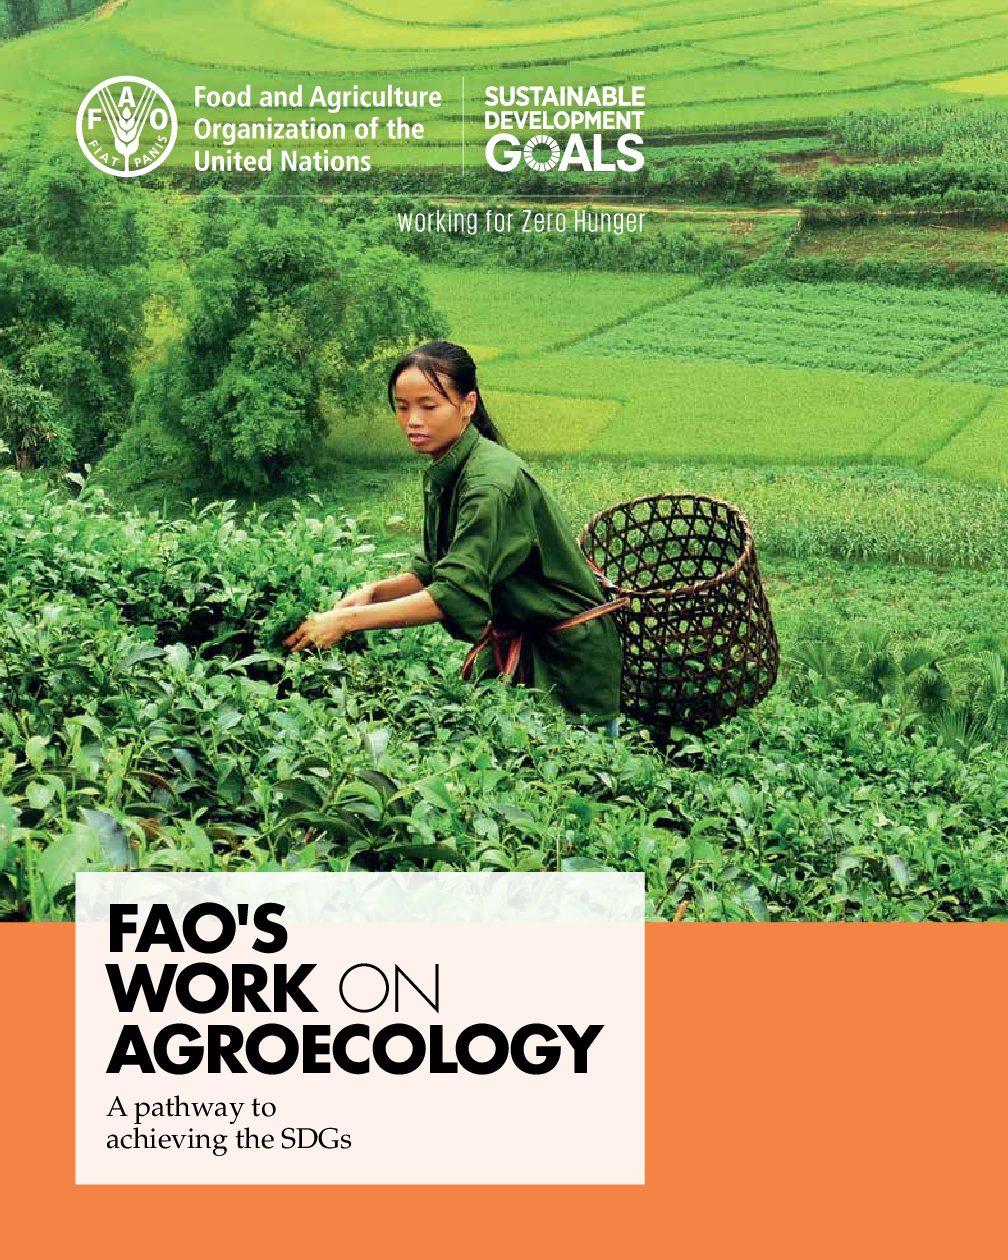 کار فائو در  زمینه اگرواکولوژی  – راه دستیابی به اهداف توسعه پایدار